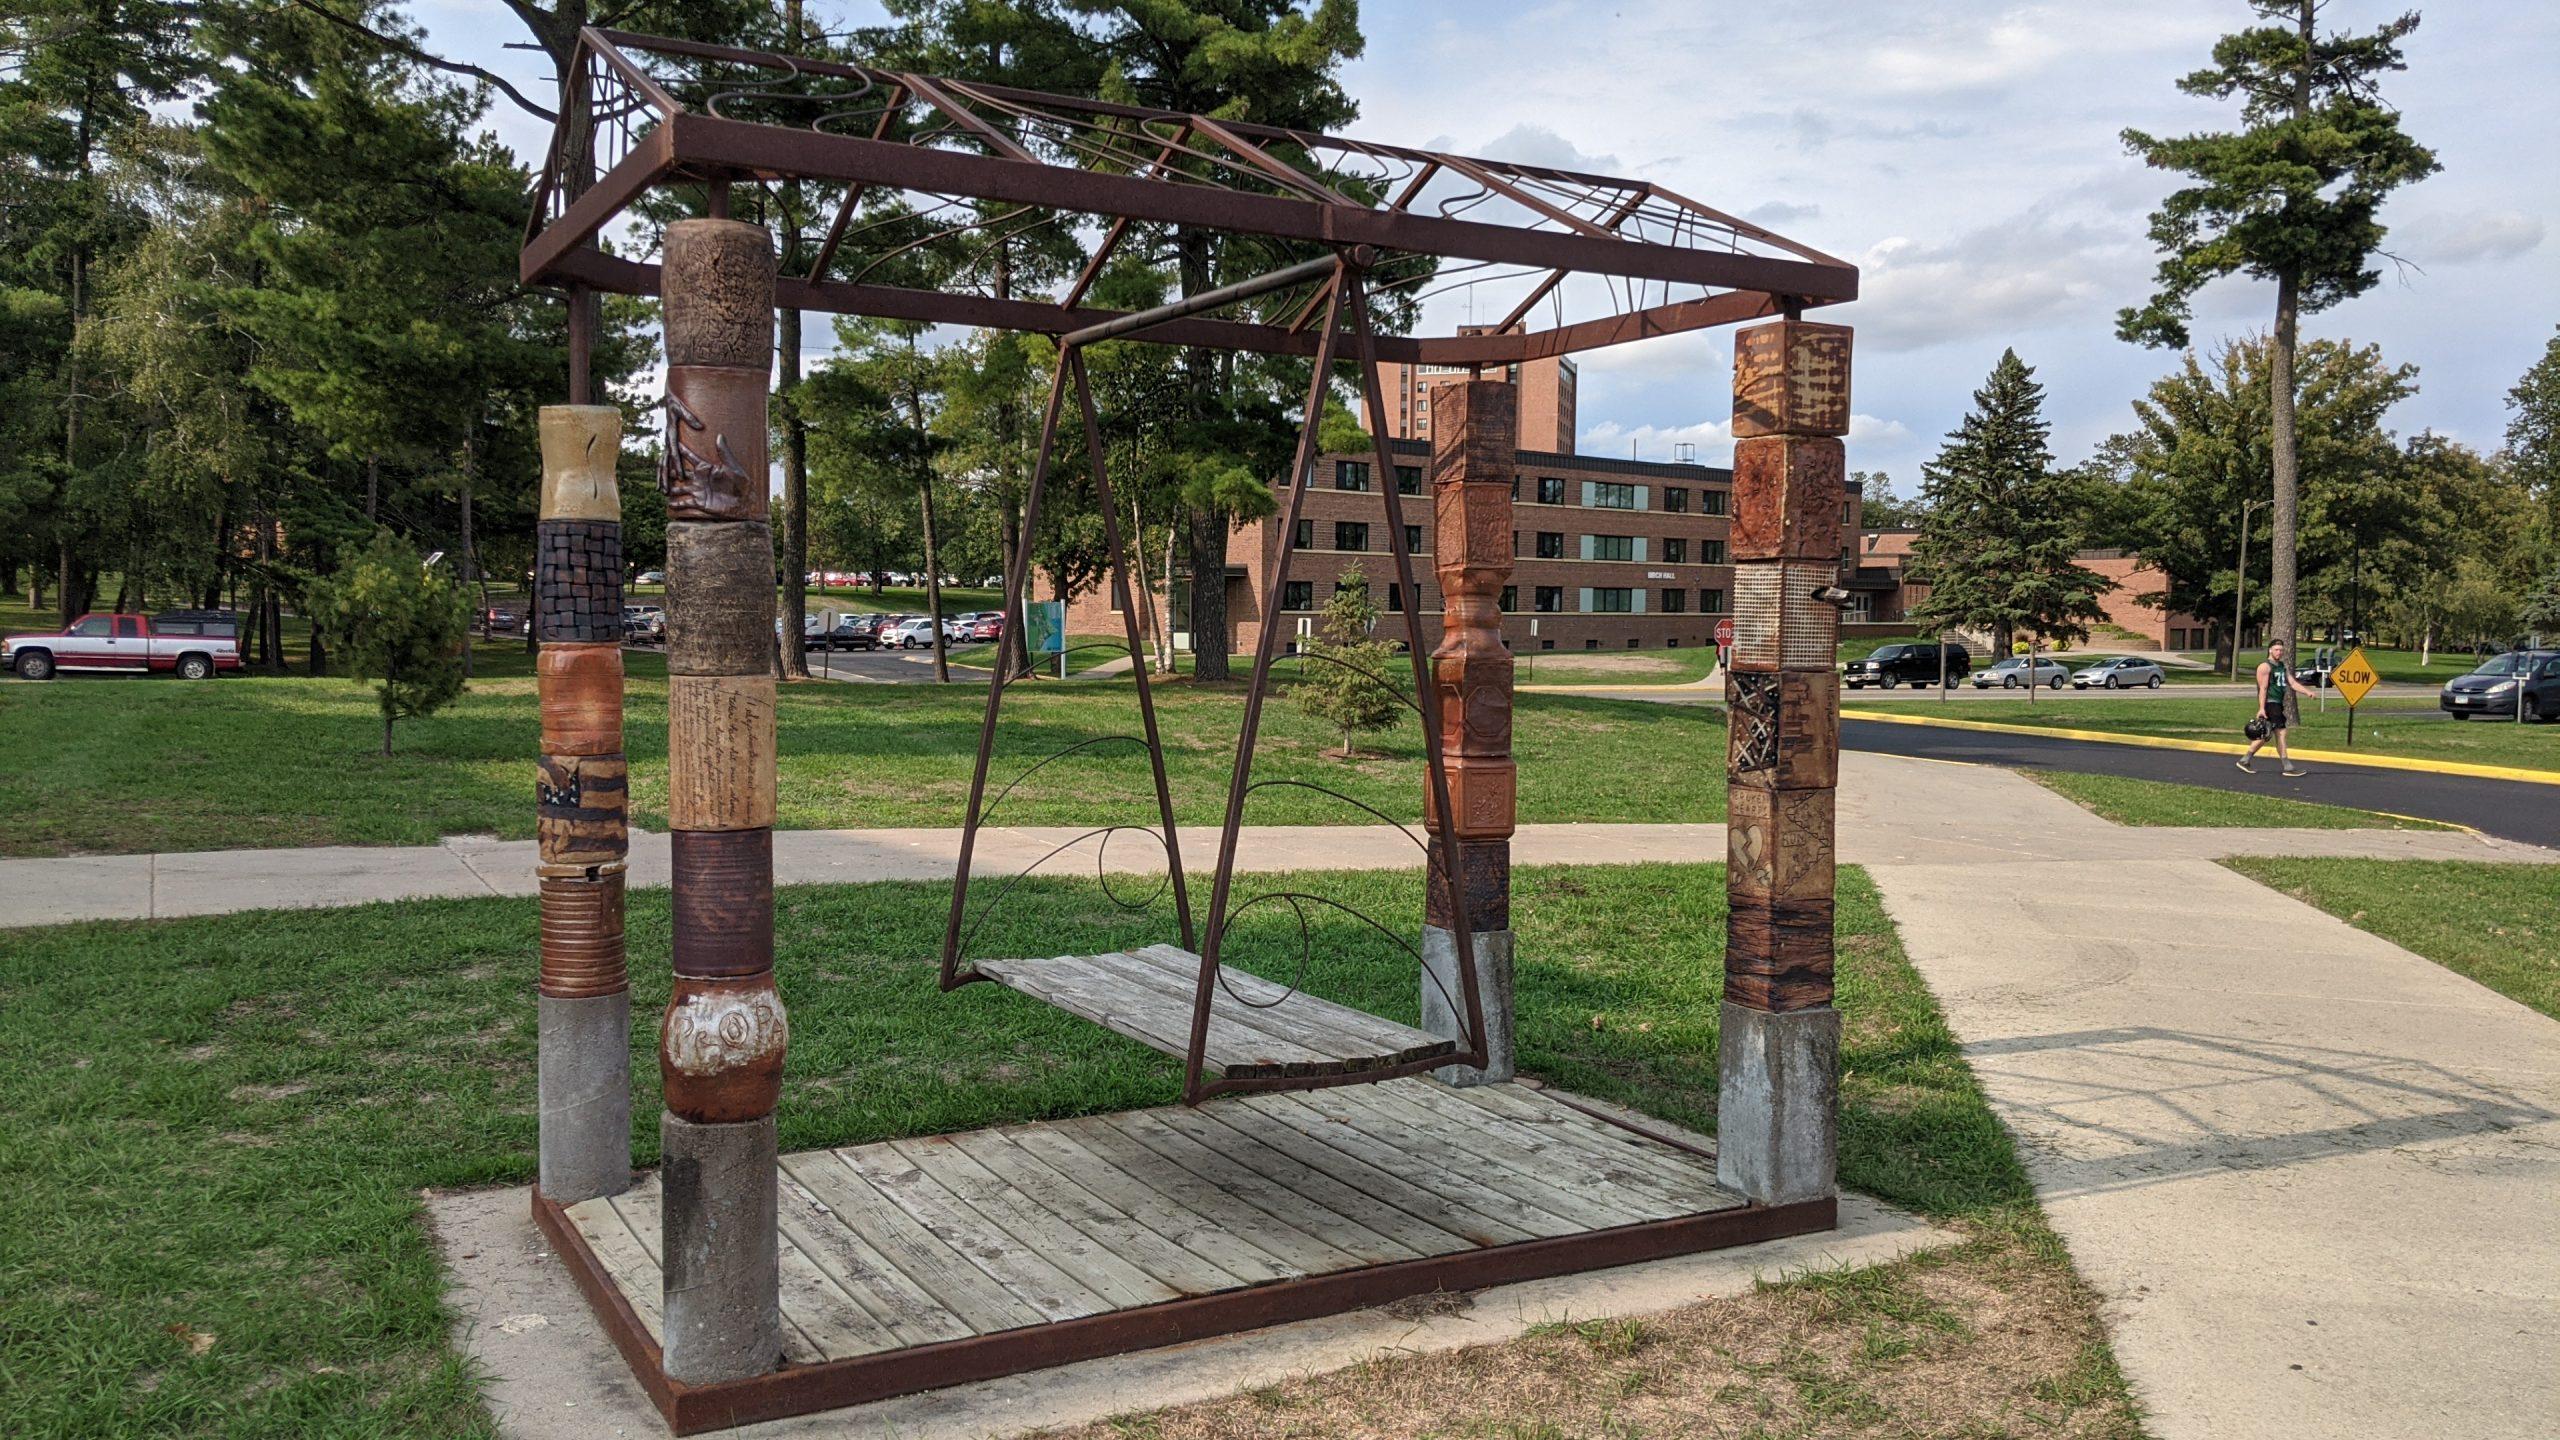 Sept. 11 outdoor sculpture swing